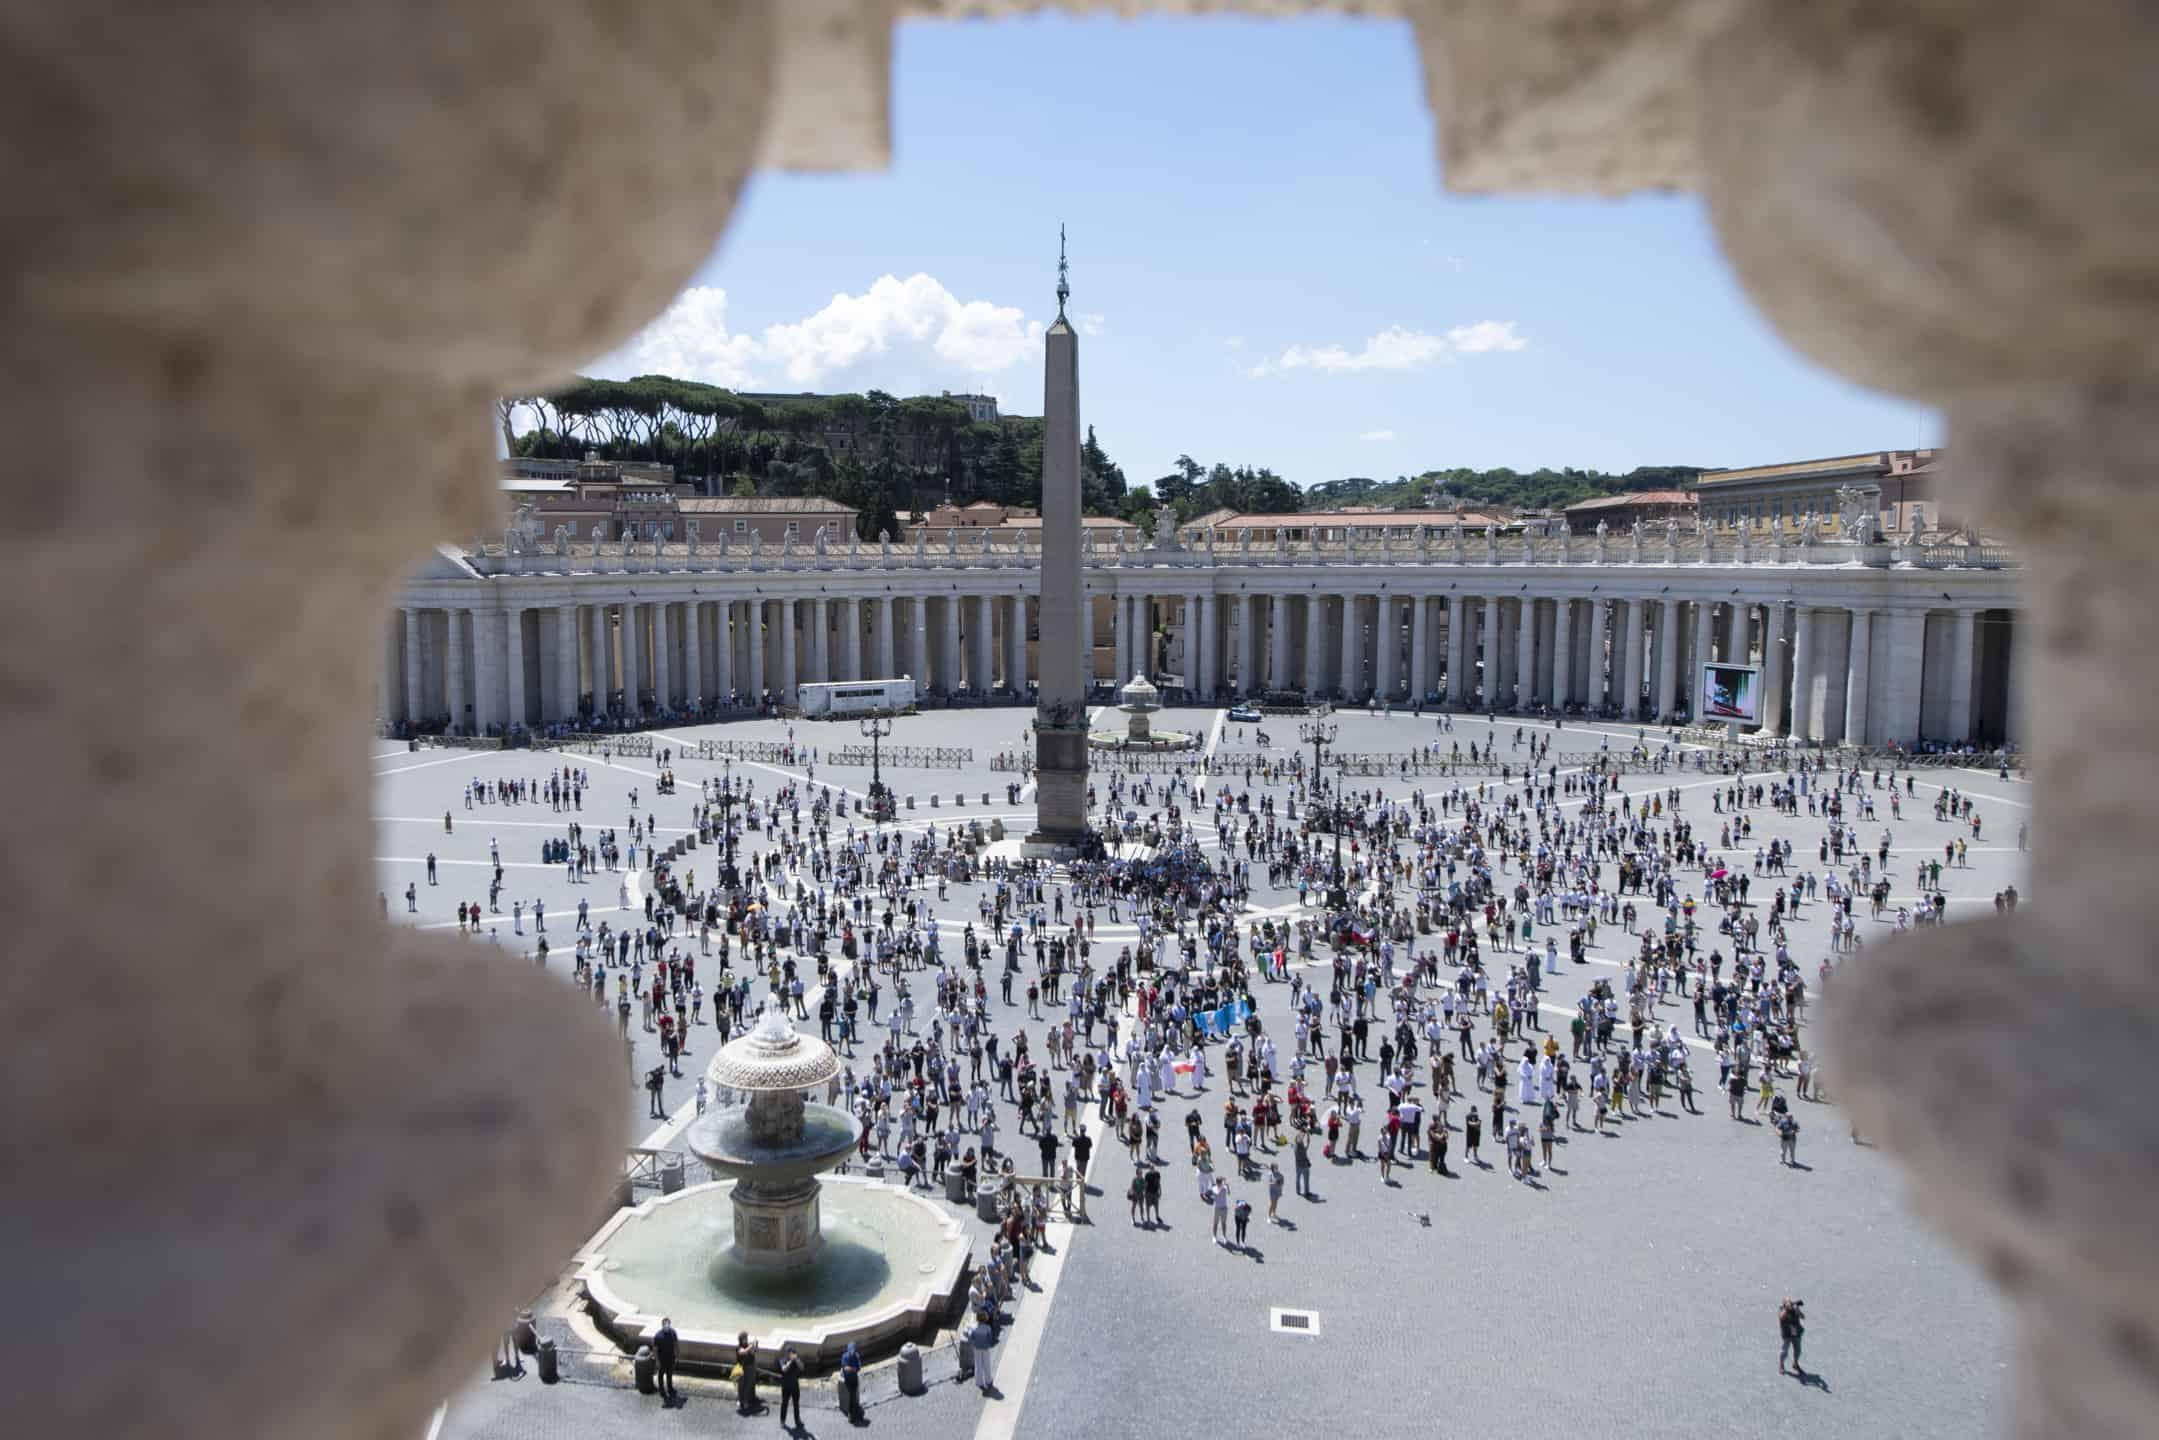 Temor: La multitud observa cómo el Papa Francisco conduce el Ángelus desde la ventana de su estudio con vista a la Plaza de San Pedro en el Vaticano el 21 de junio de 2020. (CNS/Medios del Vaticano)